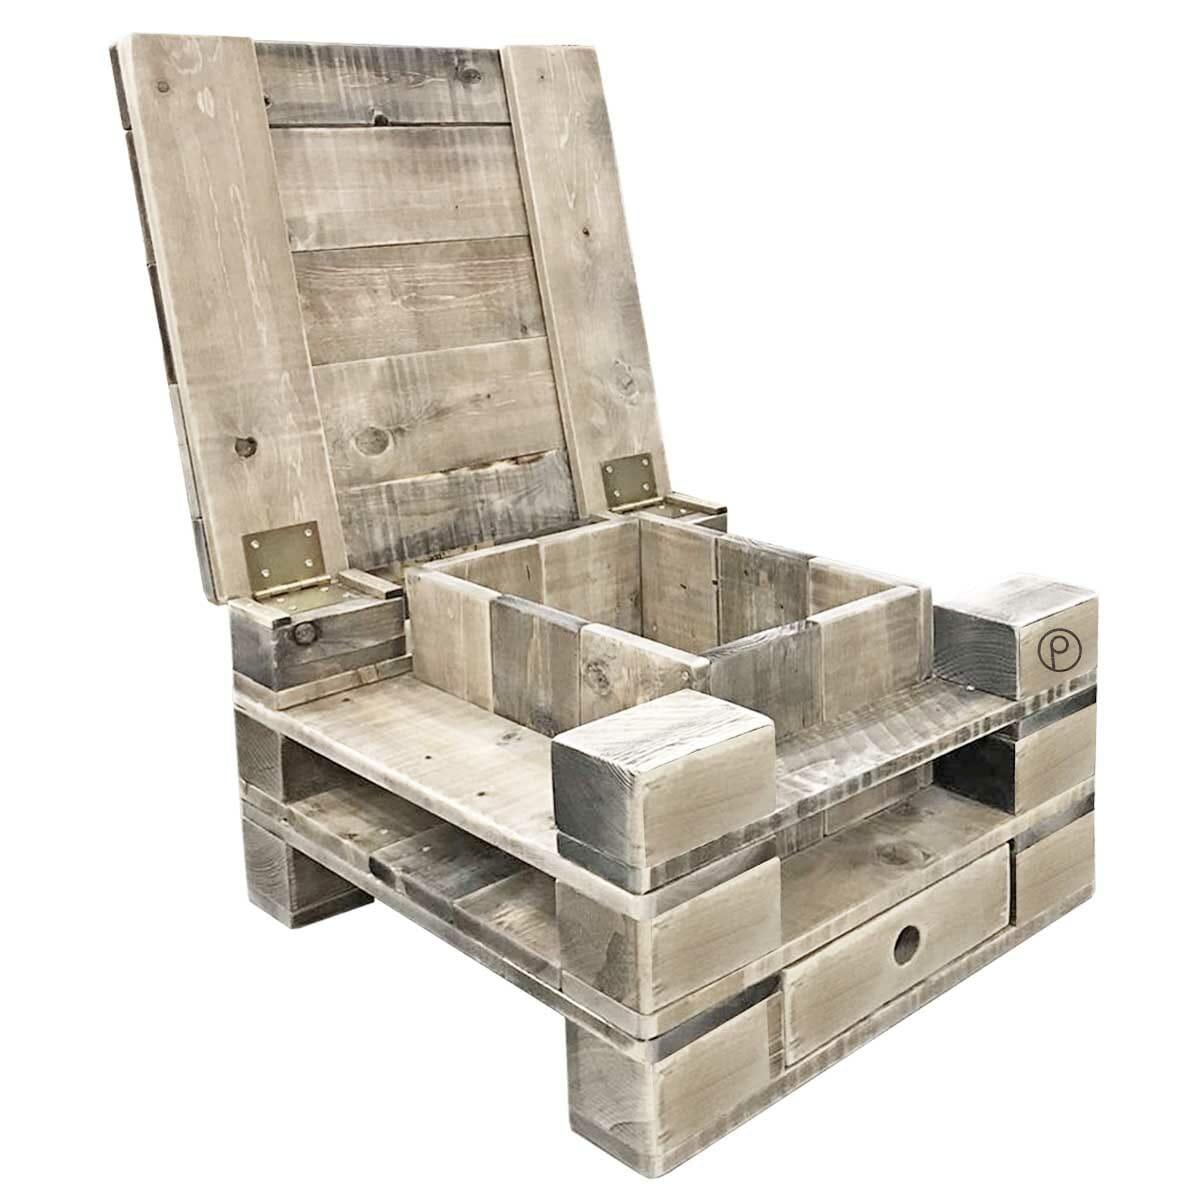 quadratischer paletten couchtisch mit deckel palettenm bel shop. Black Bedroom Furniture Sets. Home Design Ideas